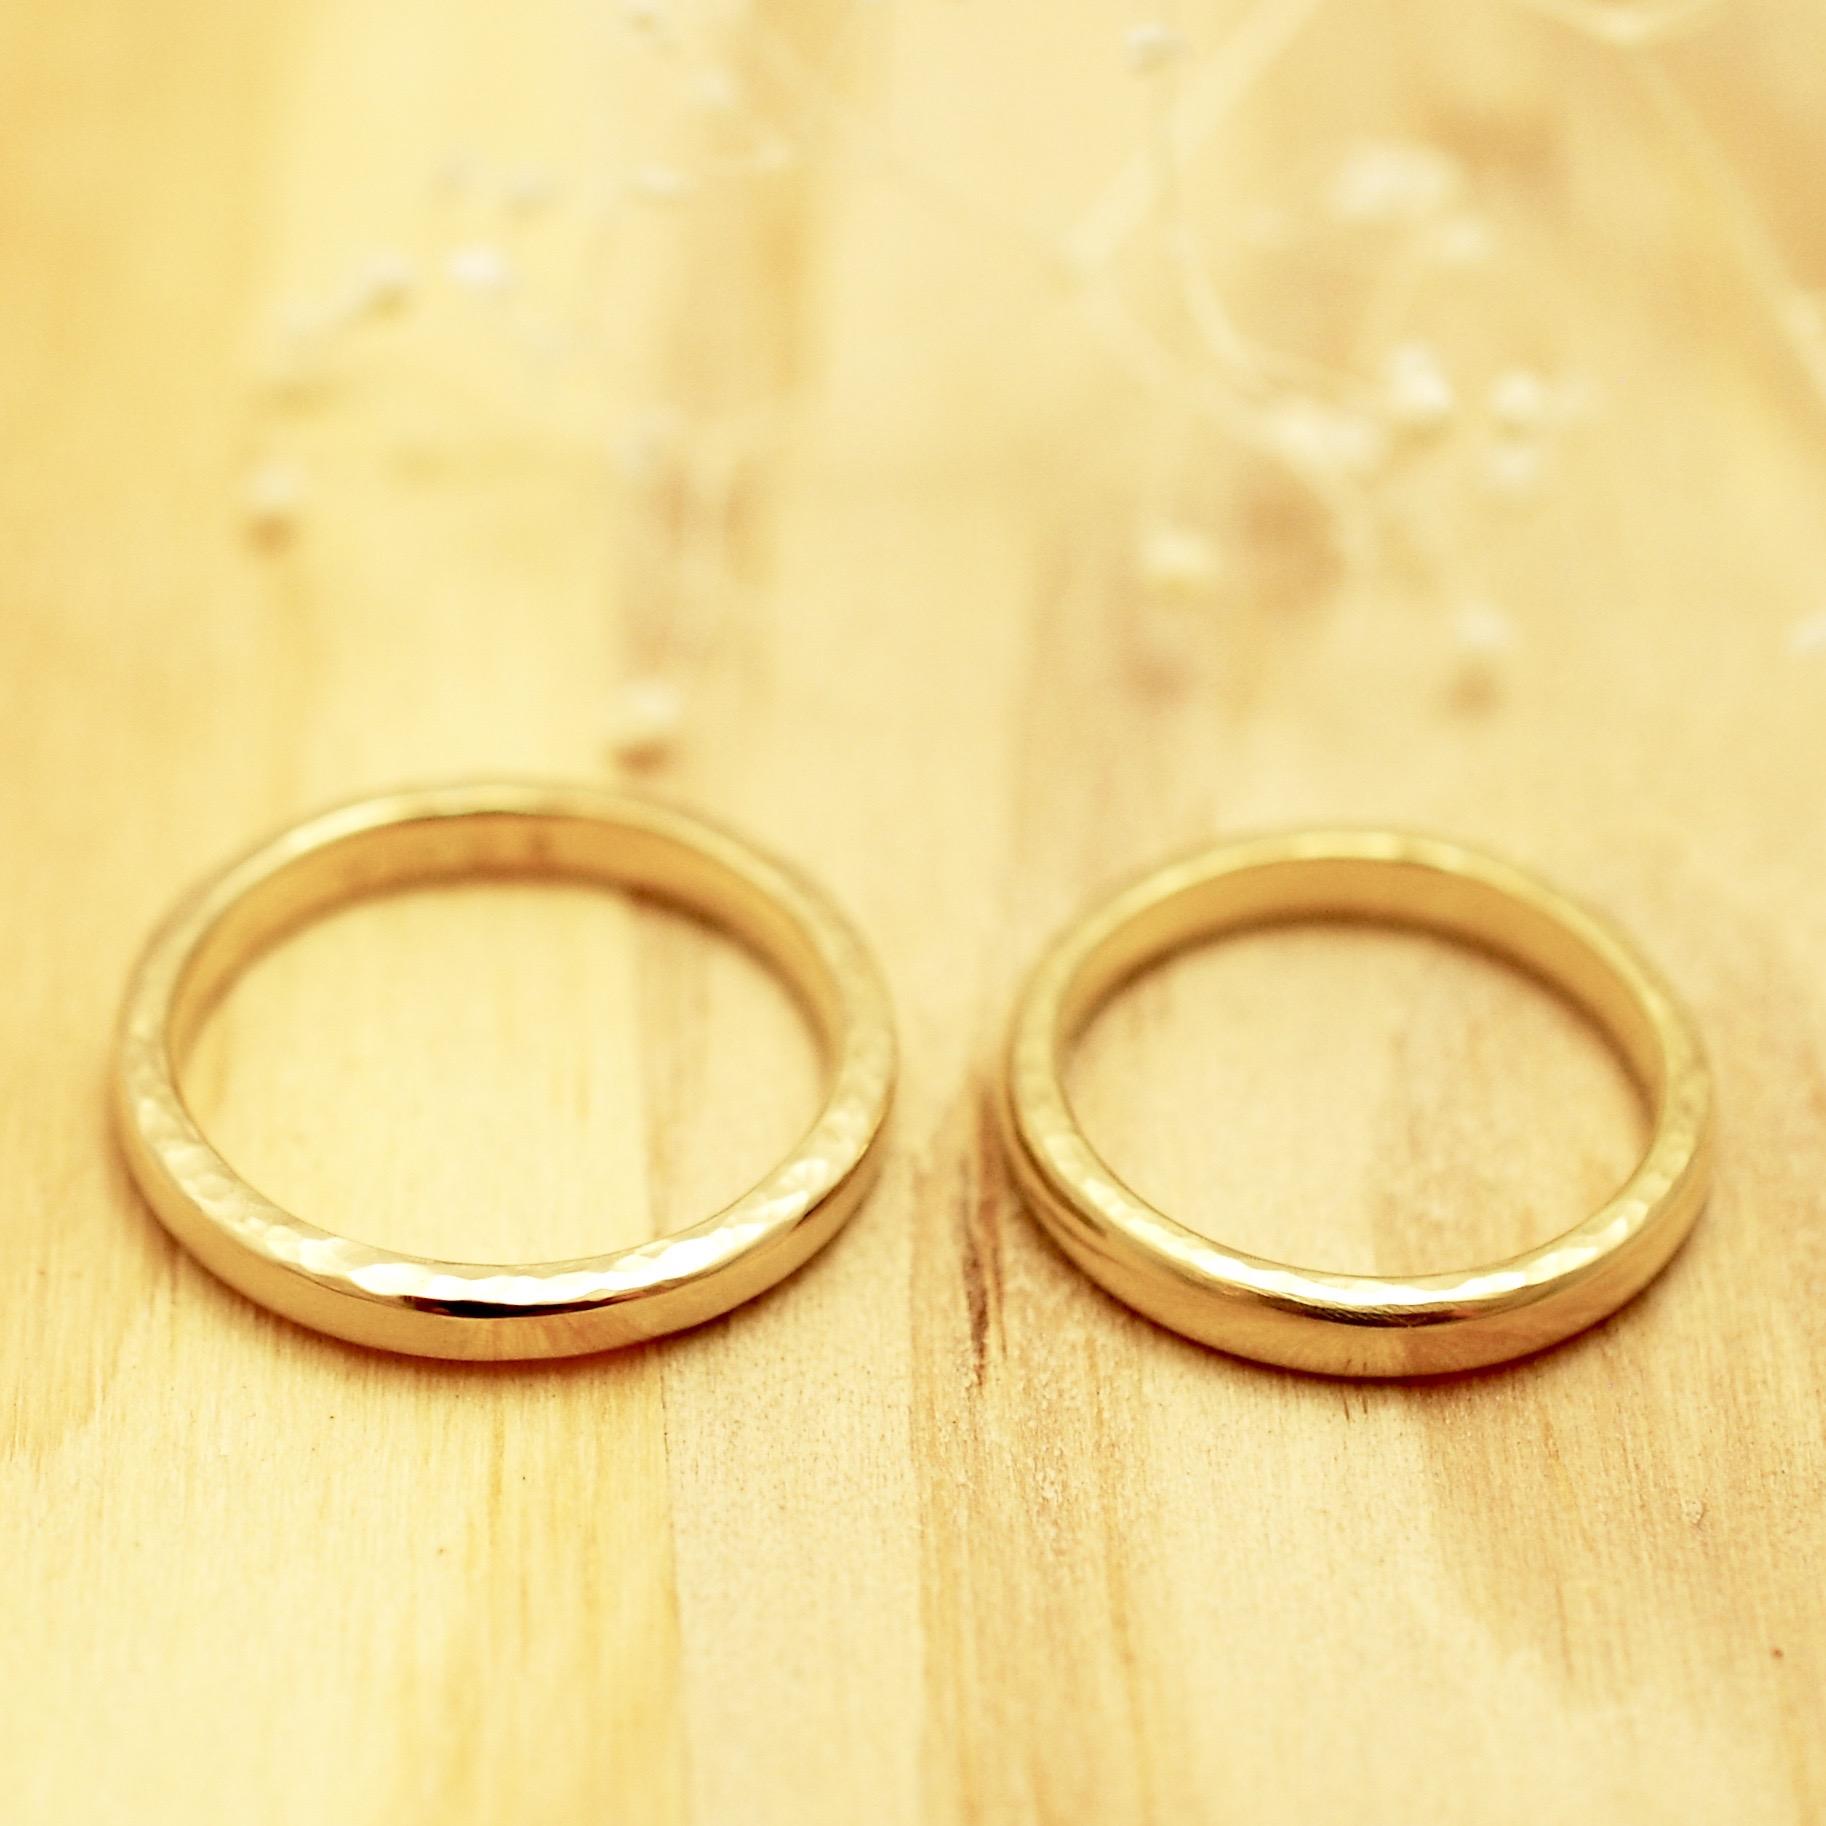 【手作り結婚指輪】A様カップル